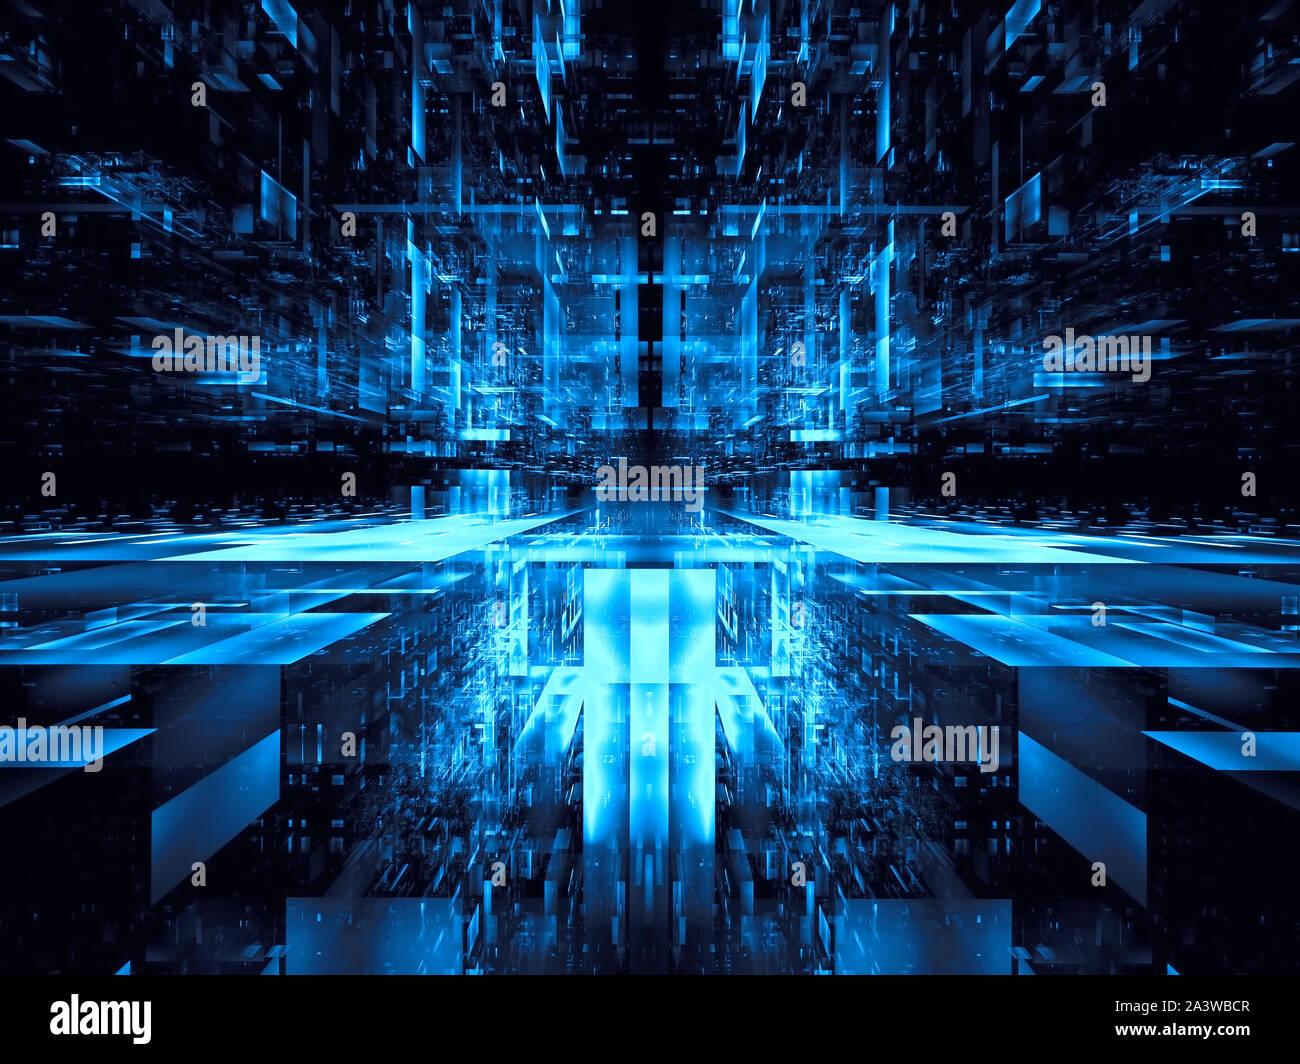 Portal abstracto o futurista - centro de datos generada digitalmente ilustración 3d Foto de stock